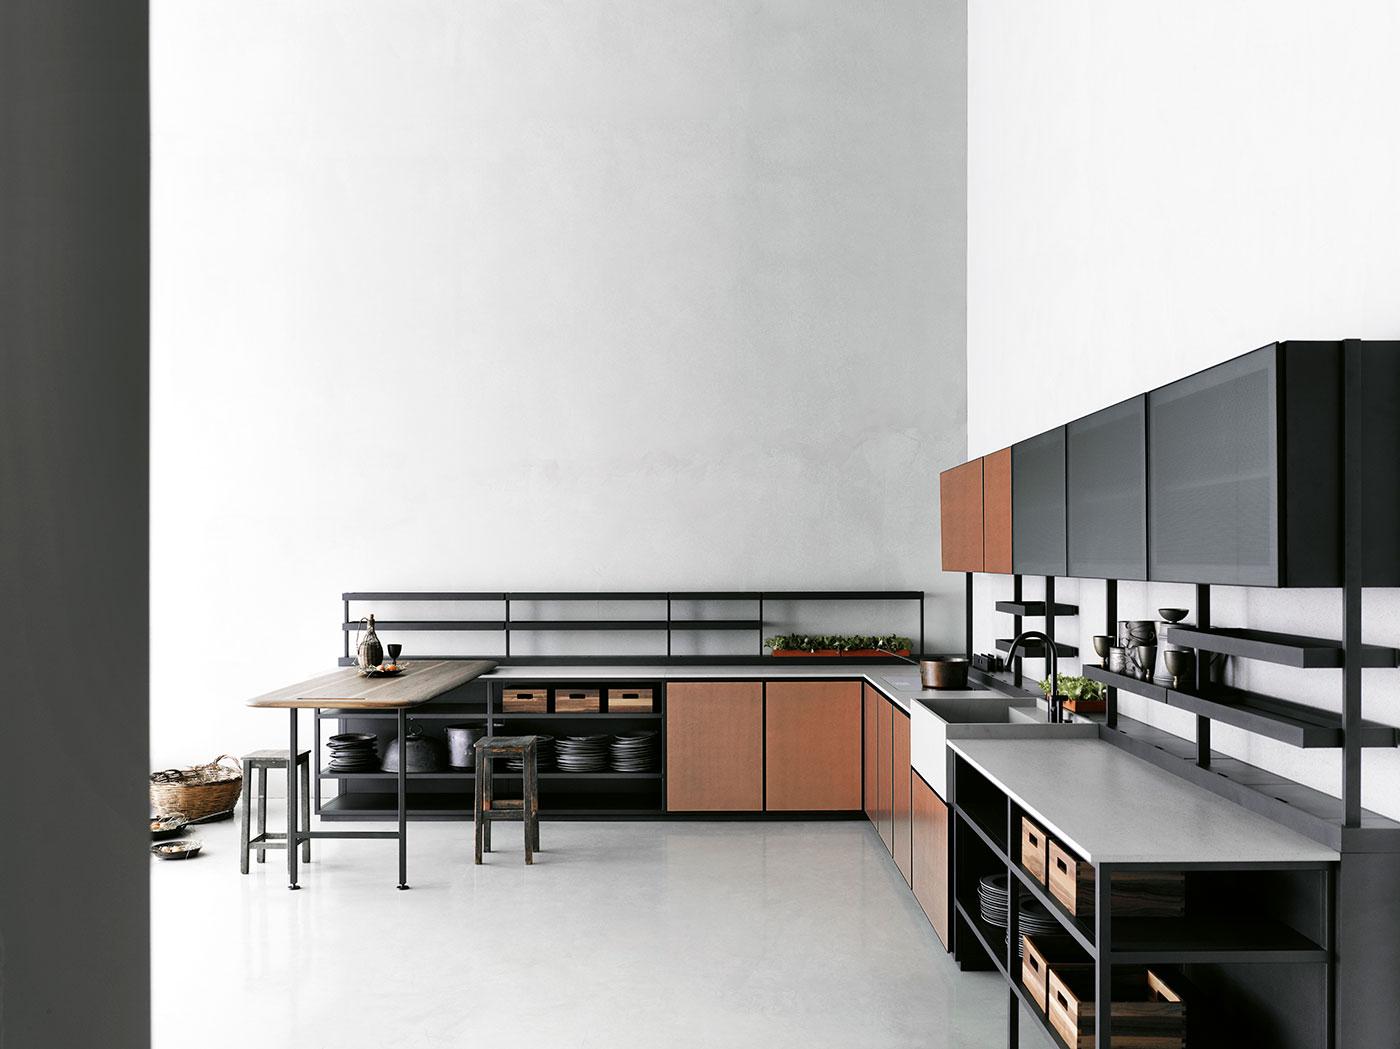 Obegi Home Boffi Salinas kitchen and Wall Units By Tommasosartori High